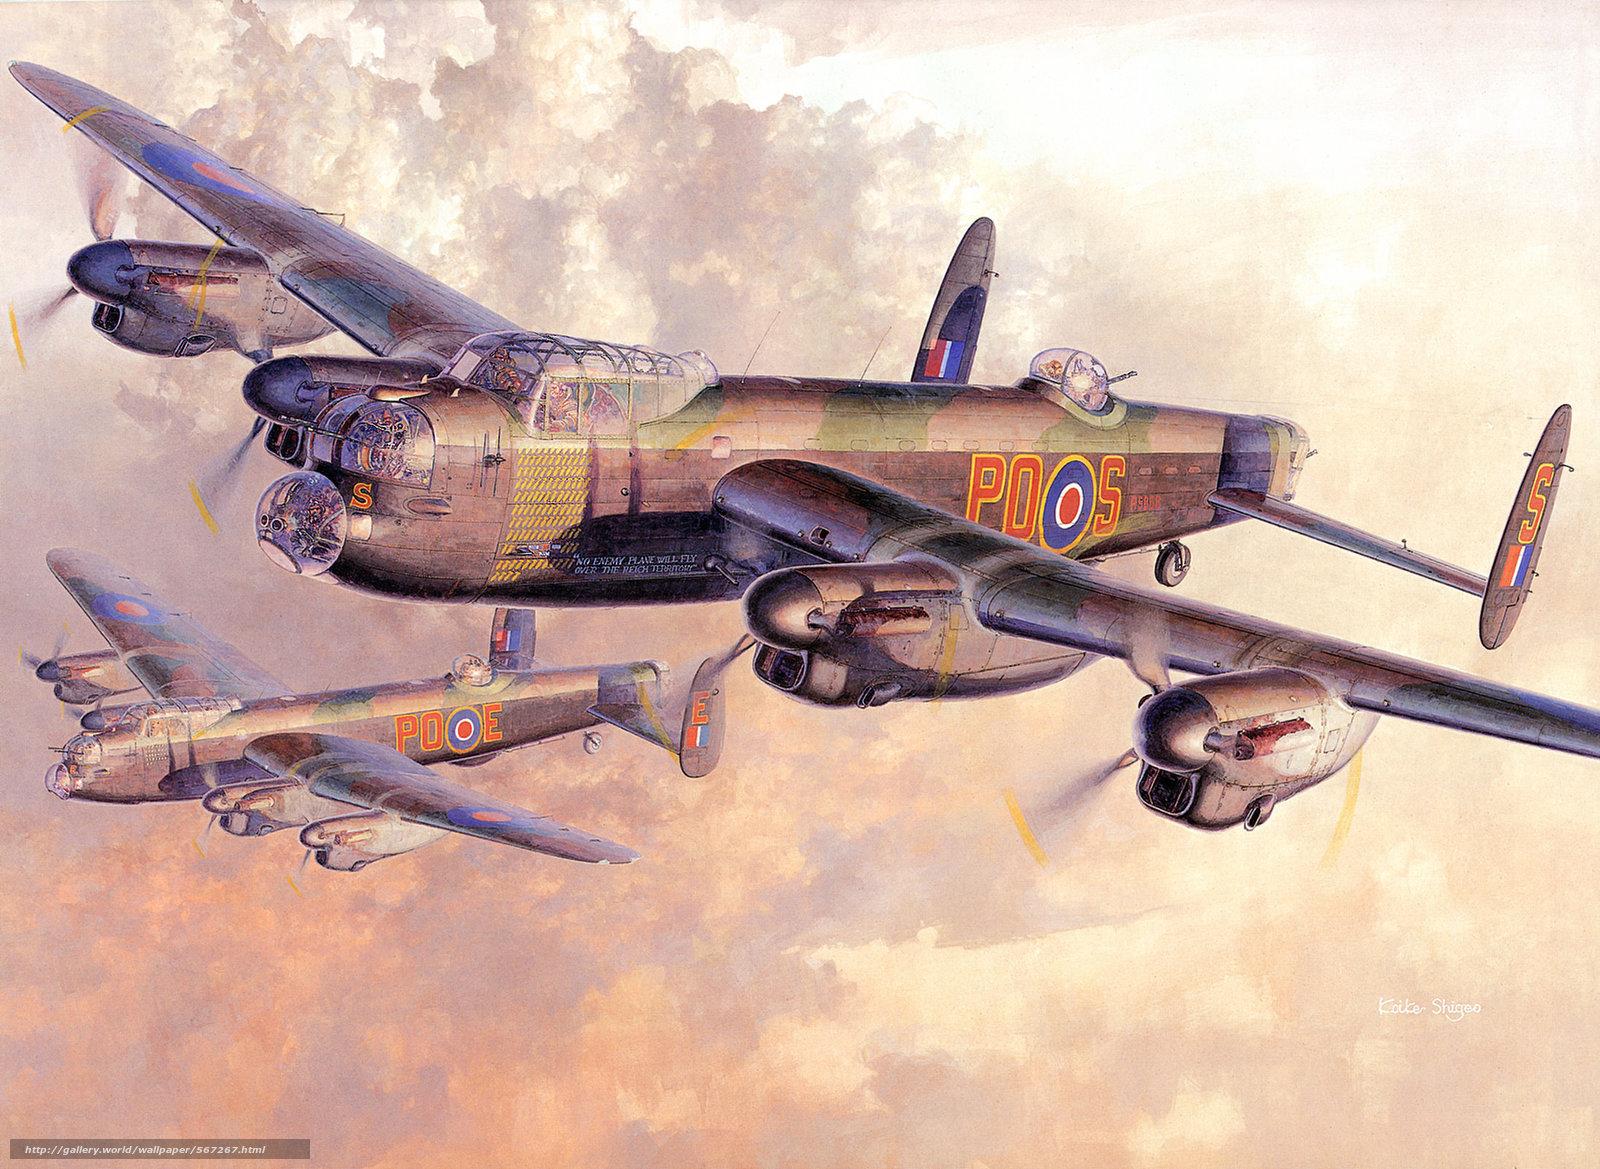 Скачать обои четырехмоторные,  самолёты,  облака,  британские бесплатно для рабочего стола в разрешении 2195x1604 — картинка №567267